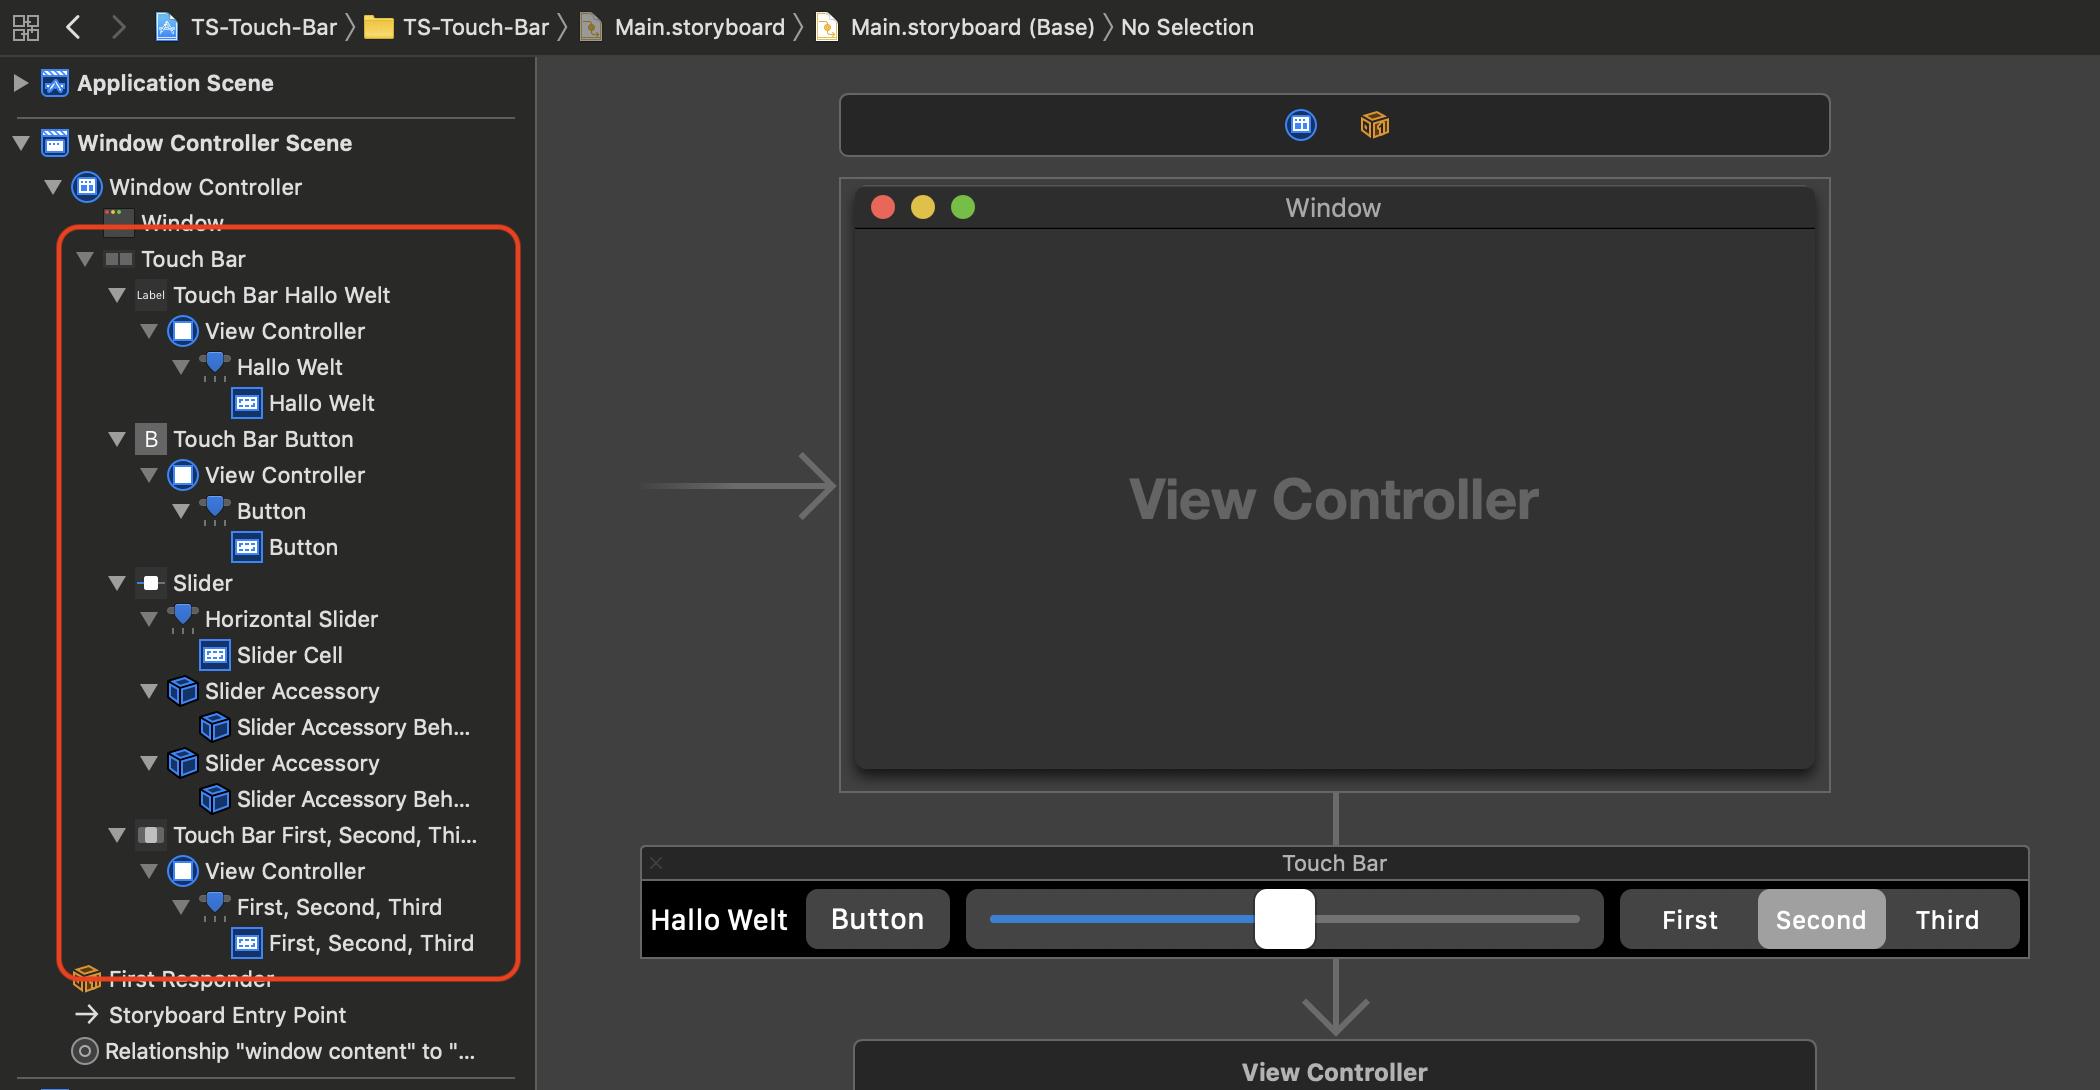 Jedes der hier gezeigten Touch-Bar-Item-Elemente besitzt eine aus der macOS-Entwicklung bekannte View-Klasse wie beispielsweise NSTextField oder NSButton.